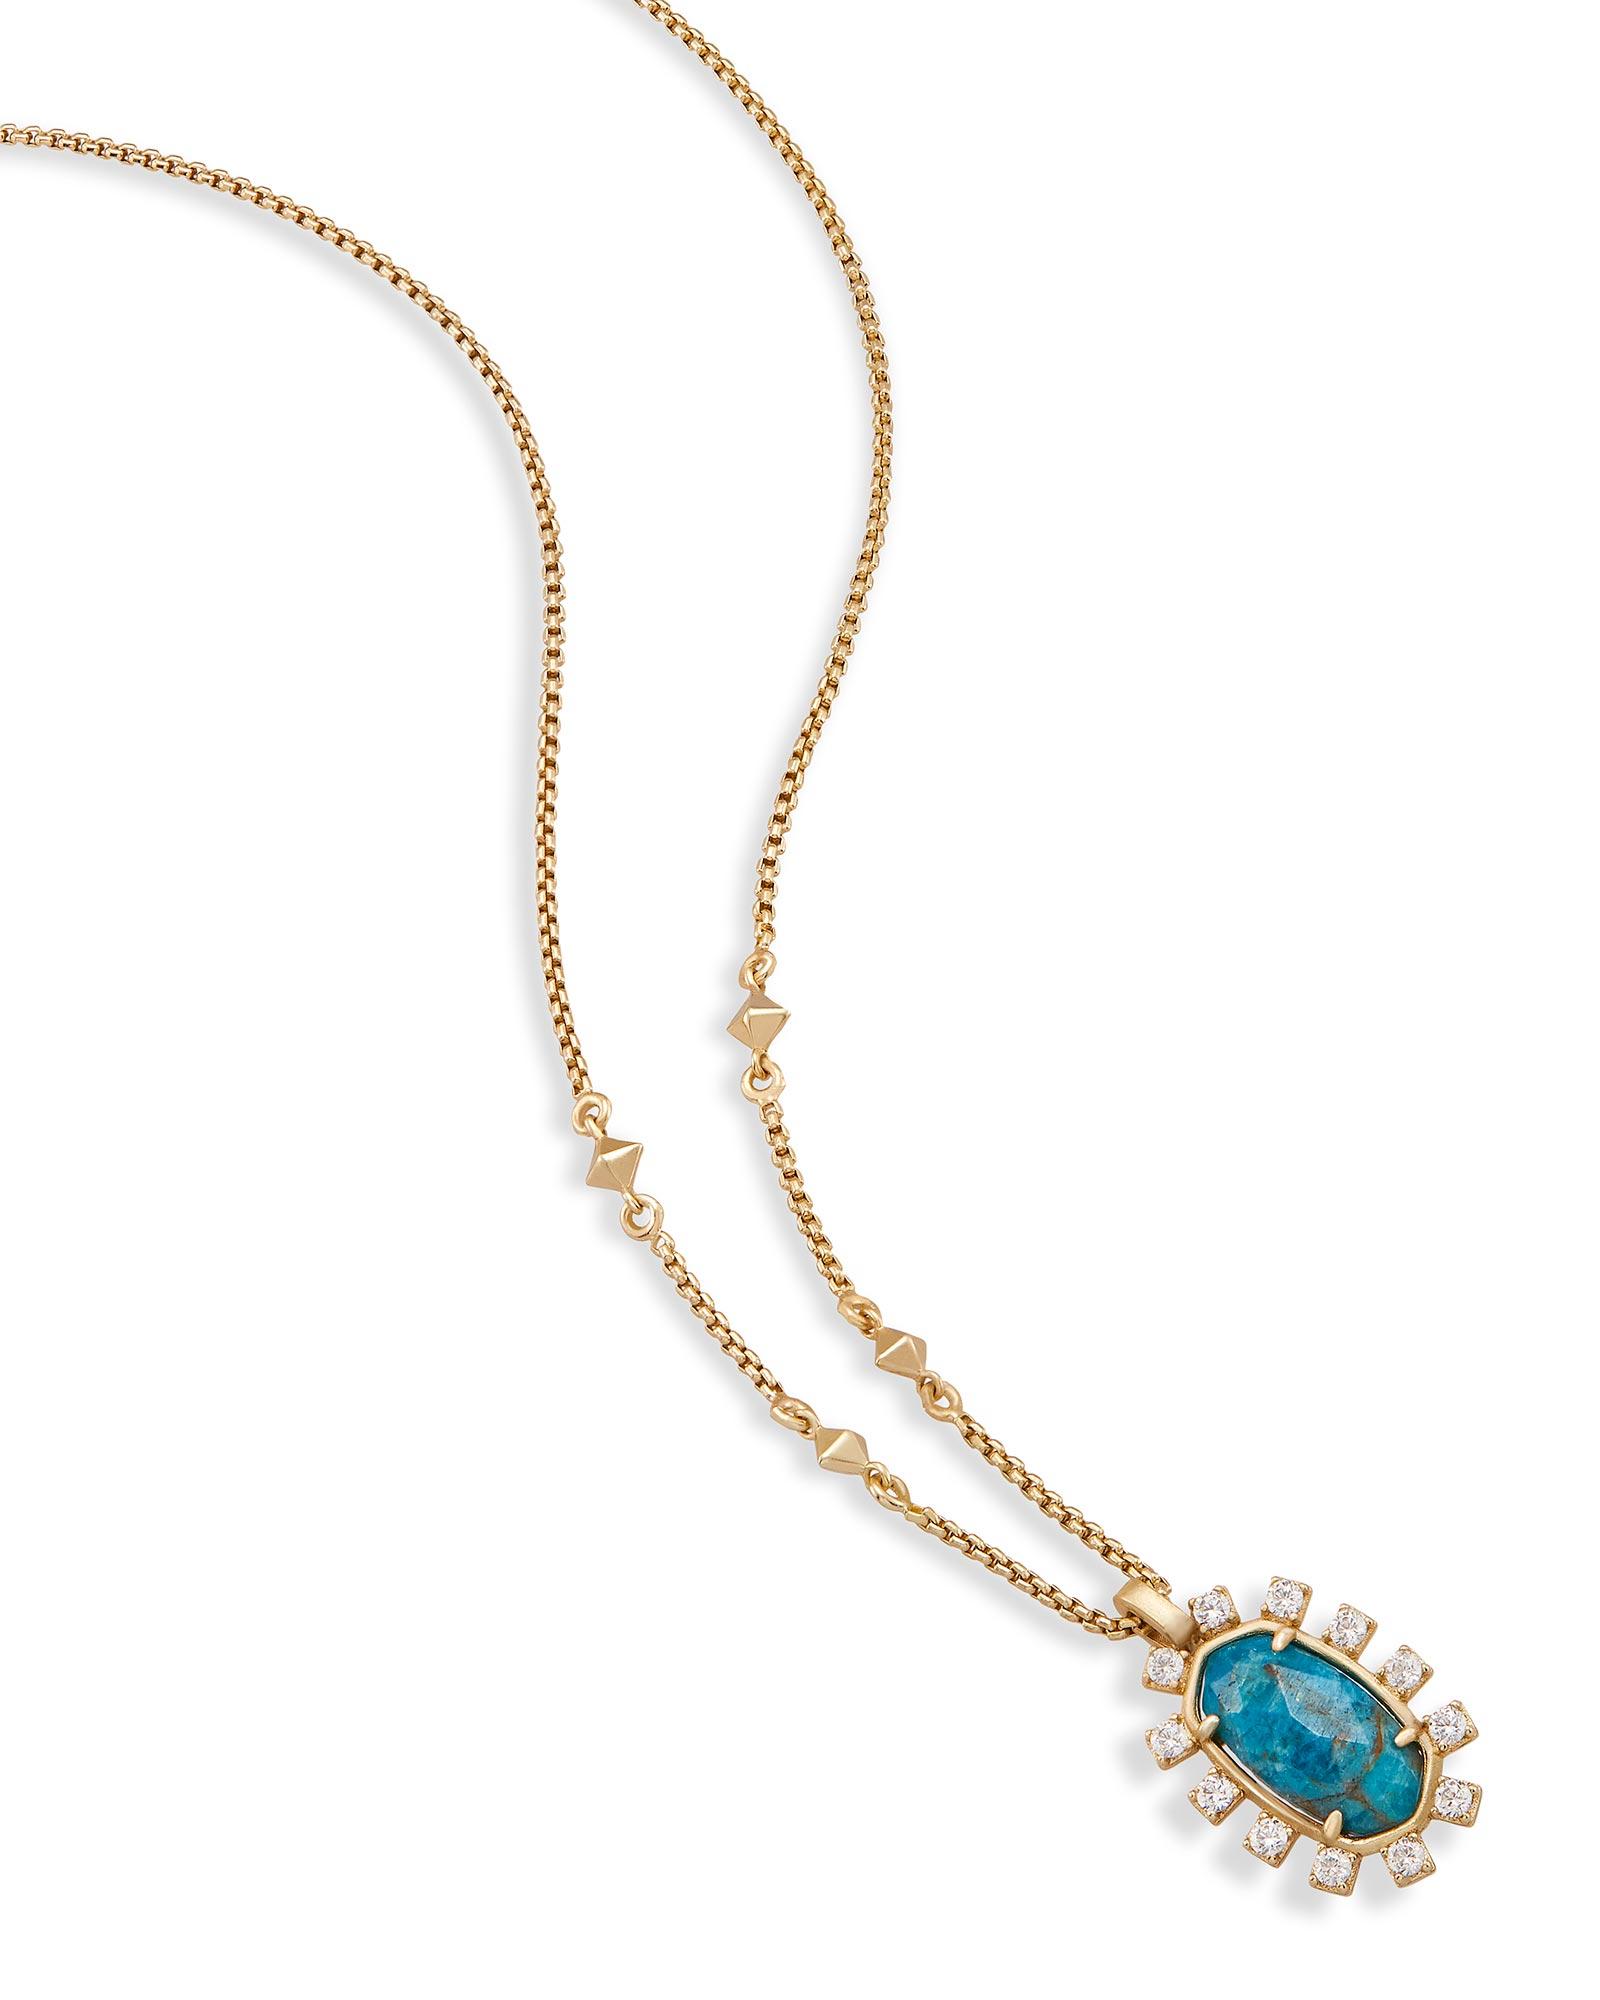 Brett pendant necklace in aqua apatite kendra scott brett pendant necklace in aqua apatite mozeypictures Images